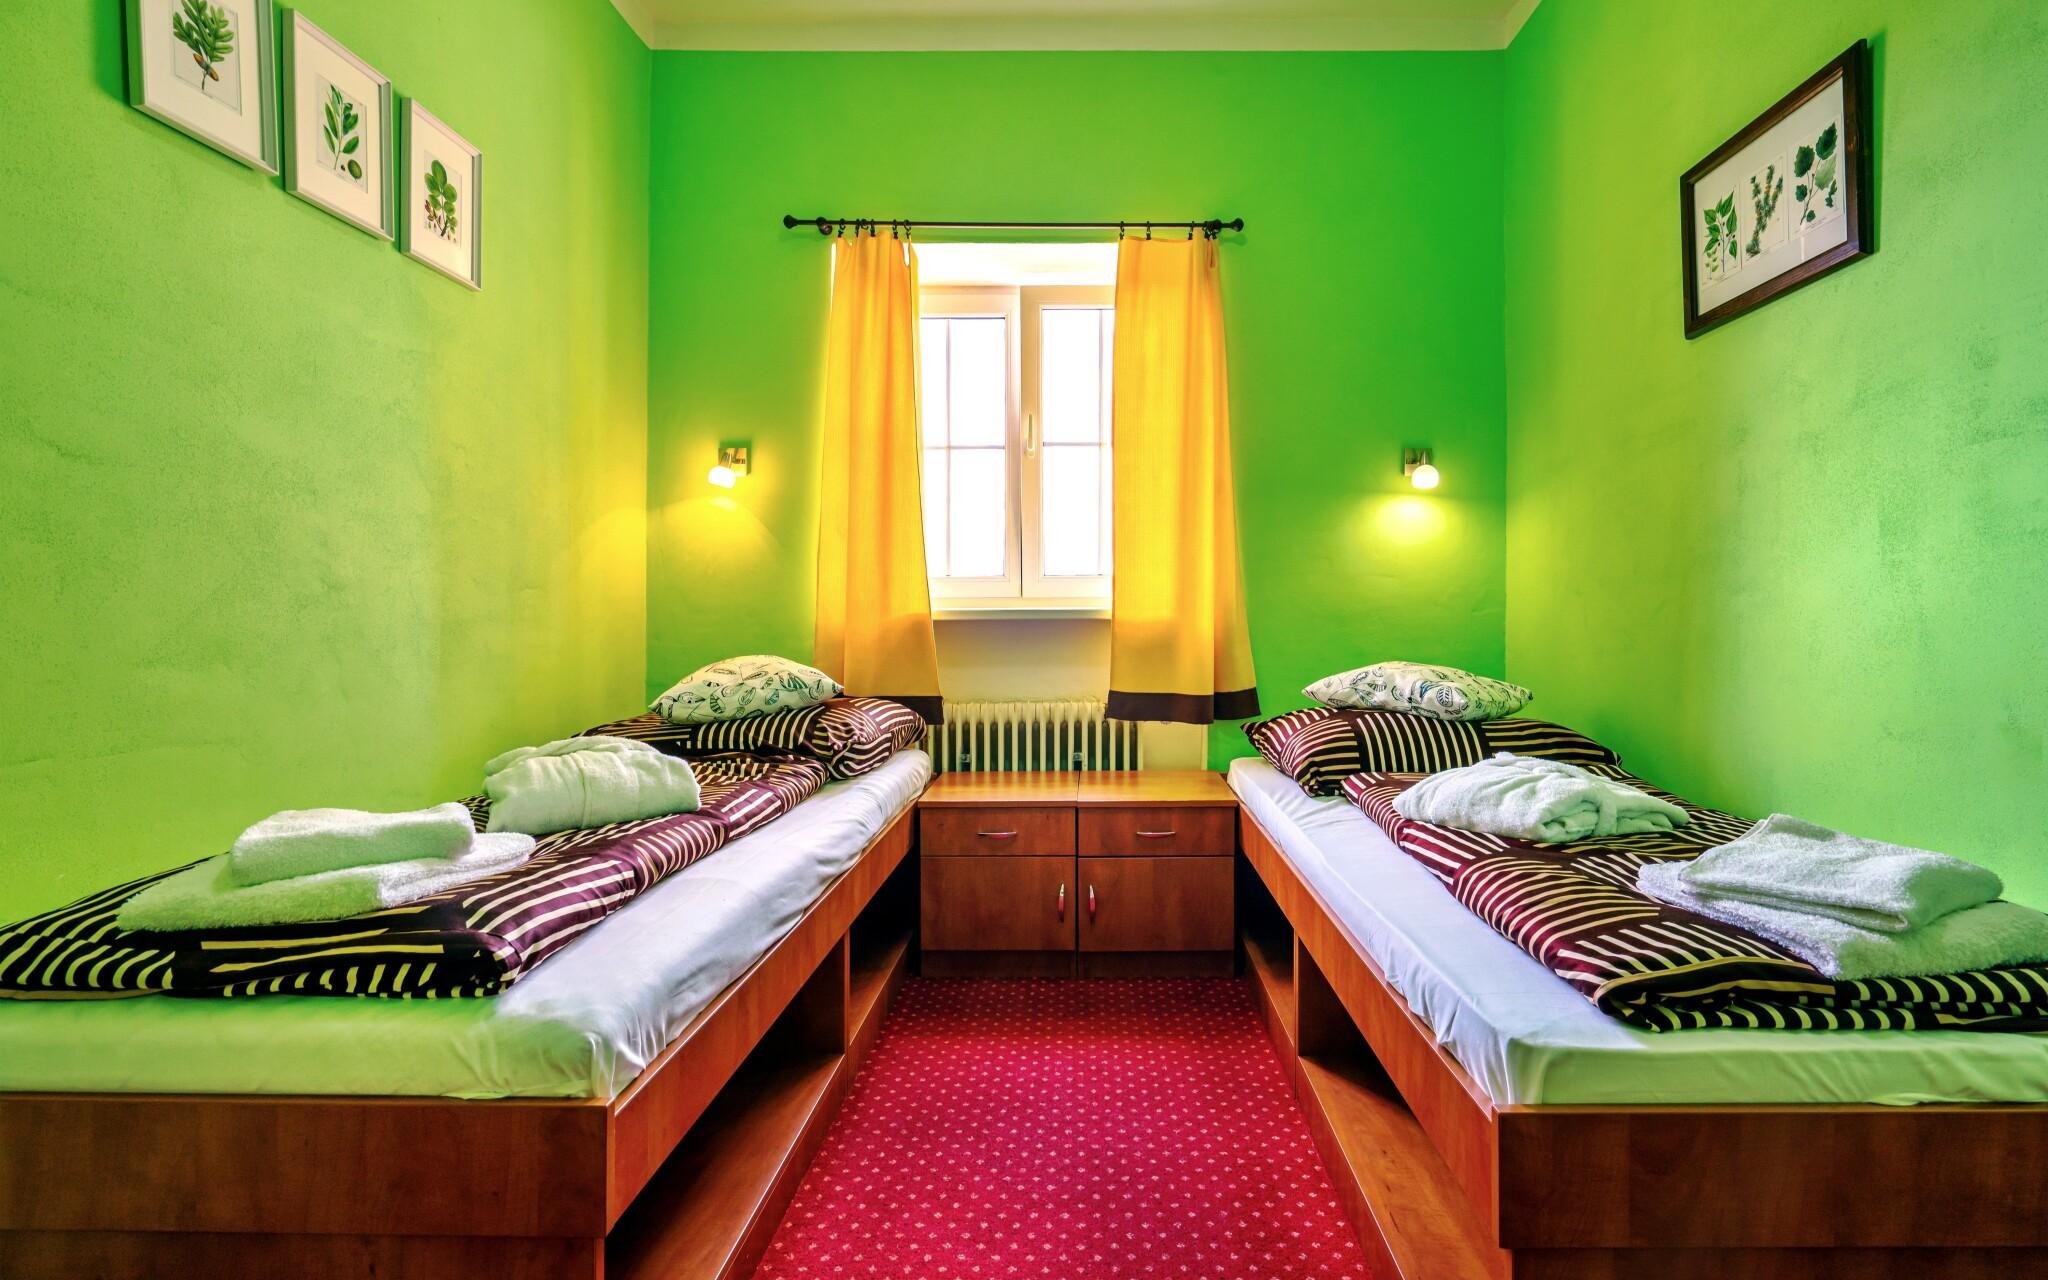 Pokoje jsou příjemně a útulně zařízeny